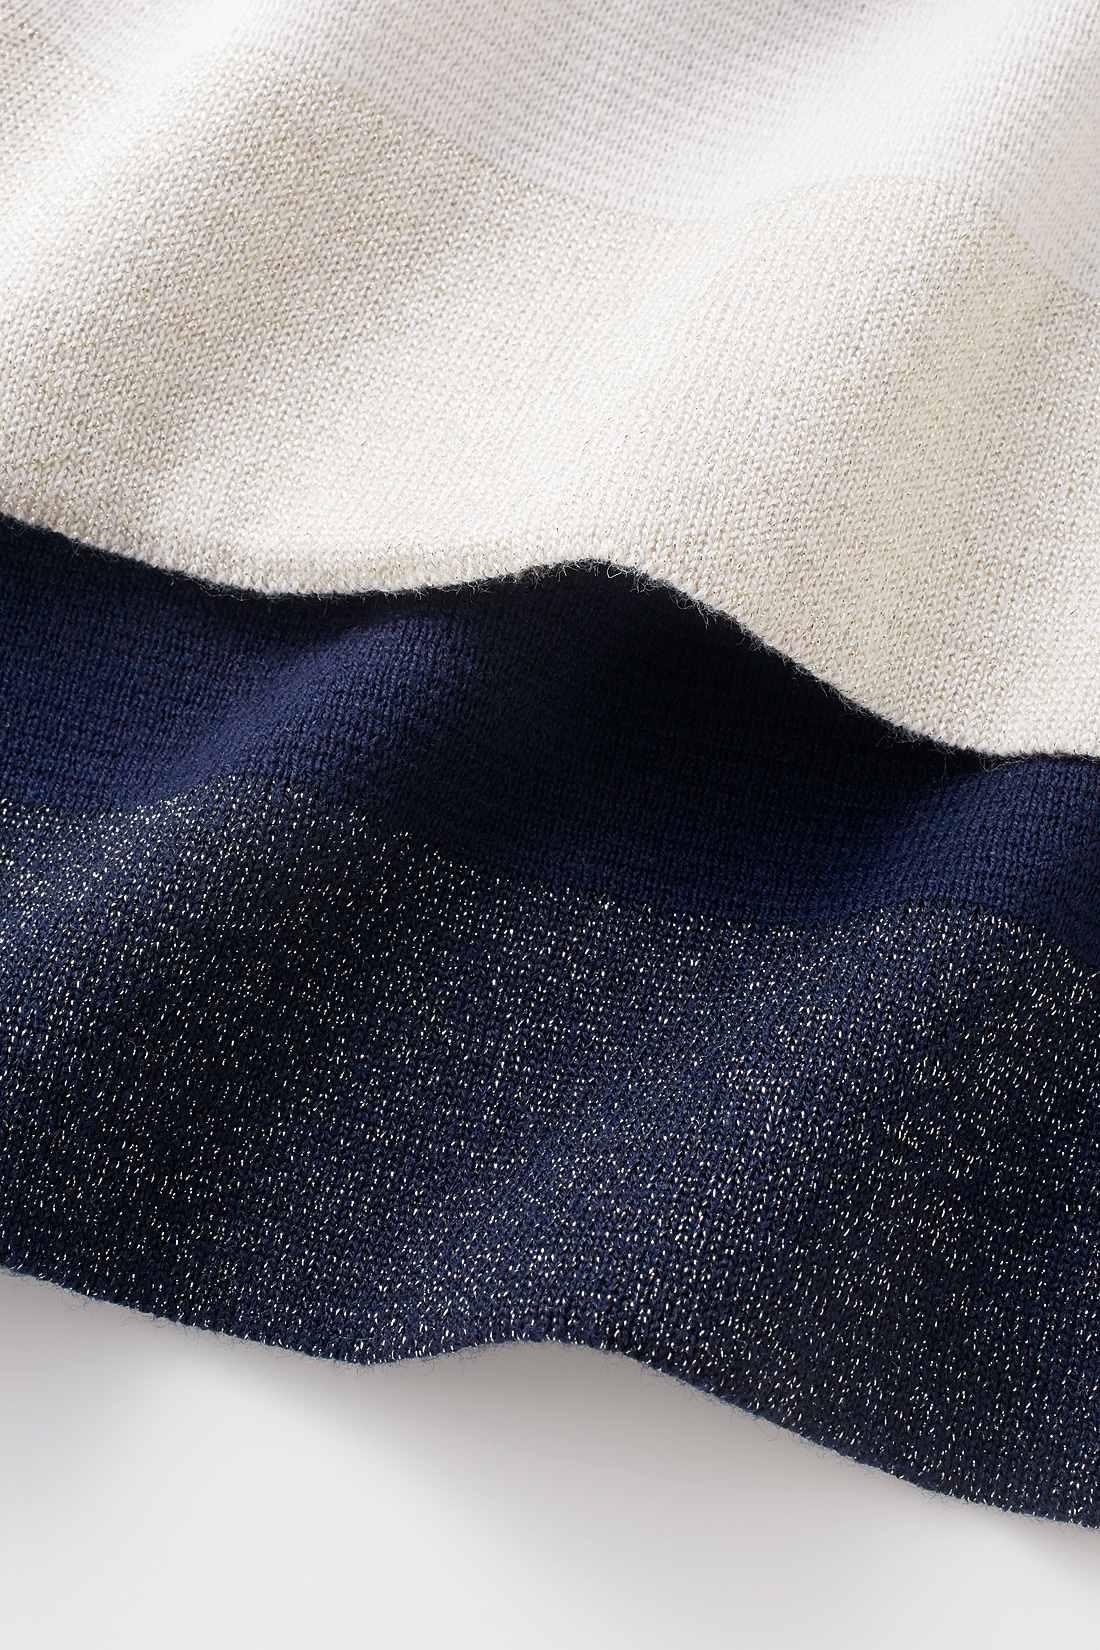 裾や袖にさりげなくラメをあしらって華やかさをプラス。